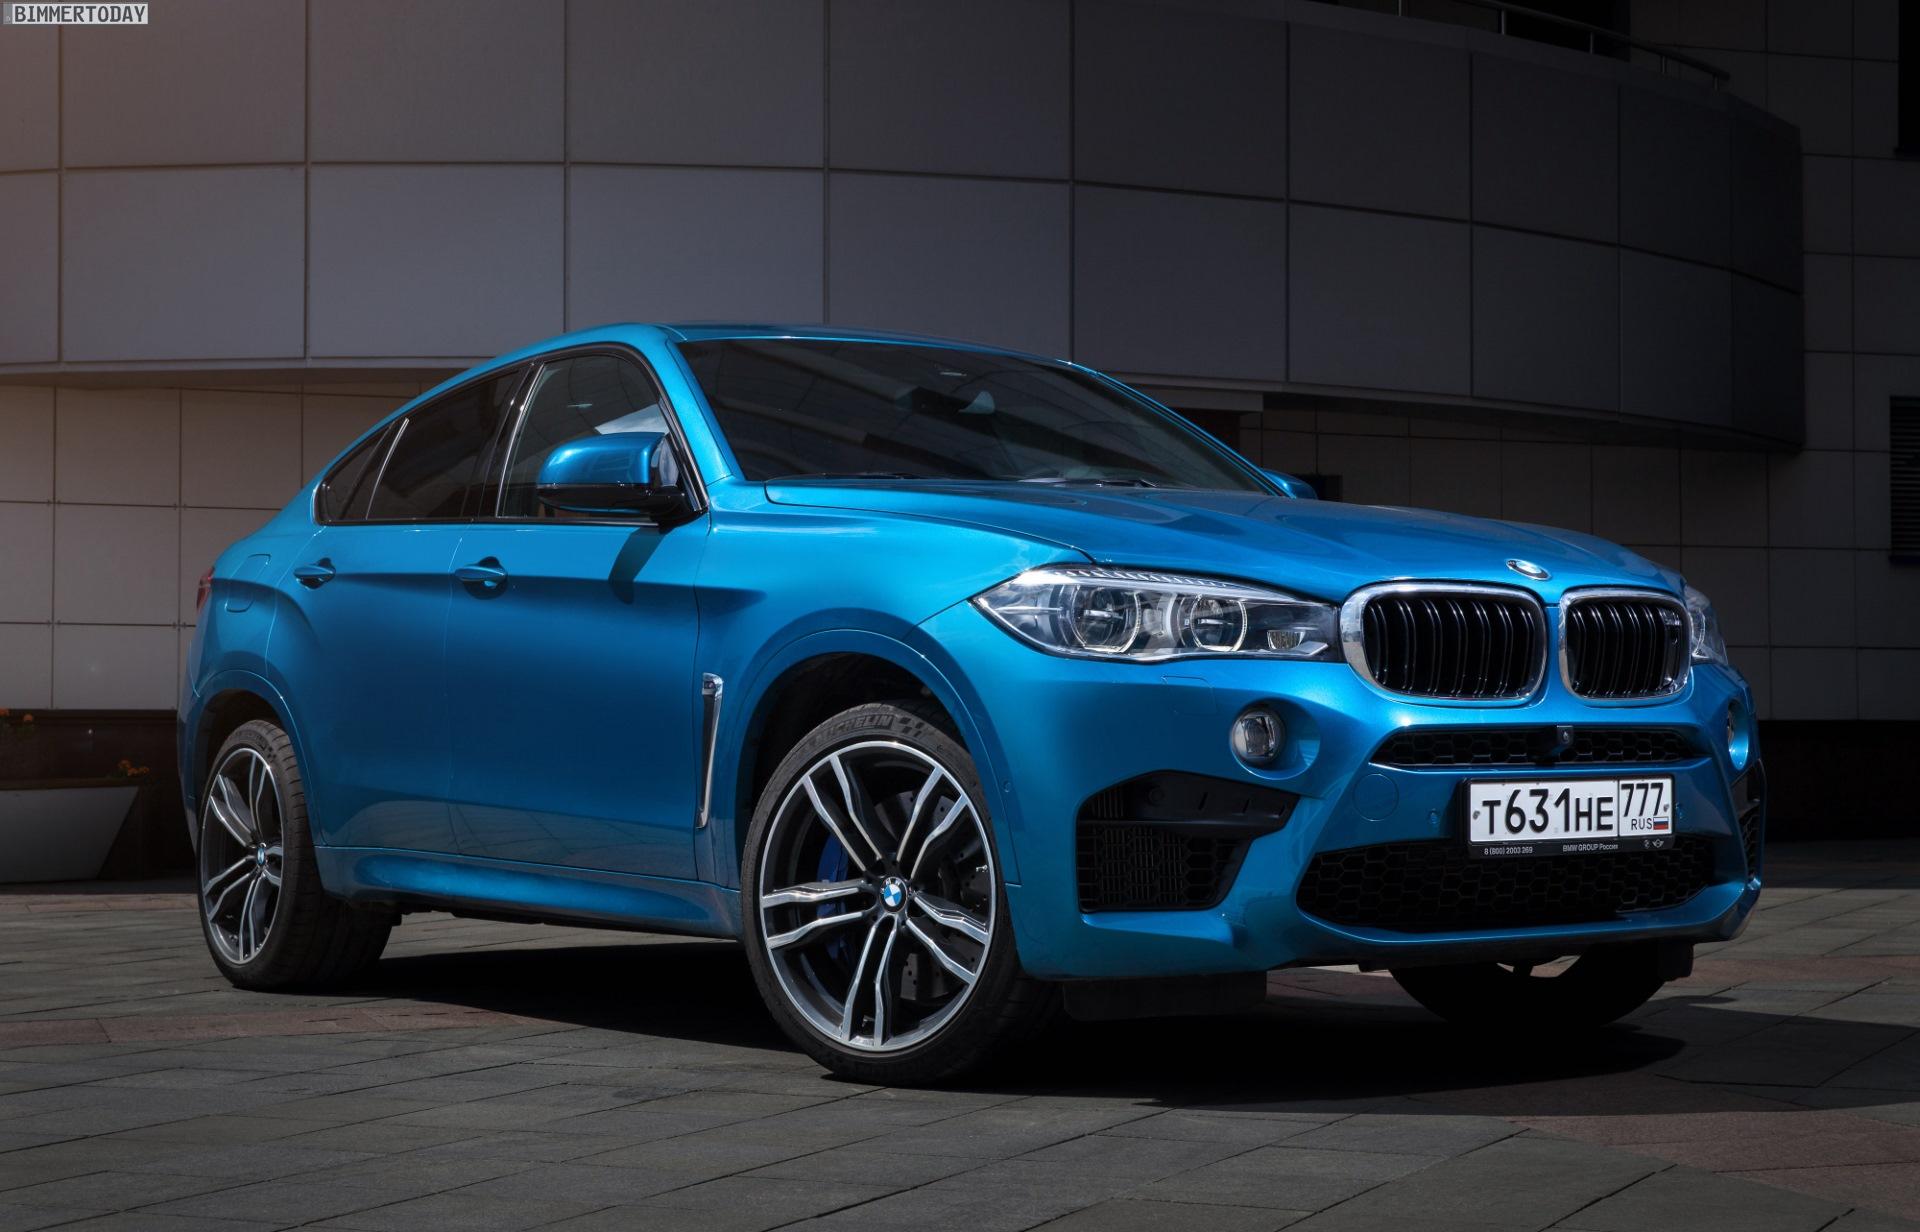 BMW X6 M F86 Long Beach Blue 01